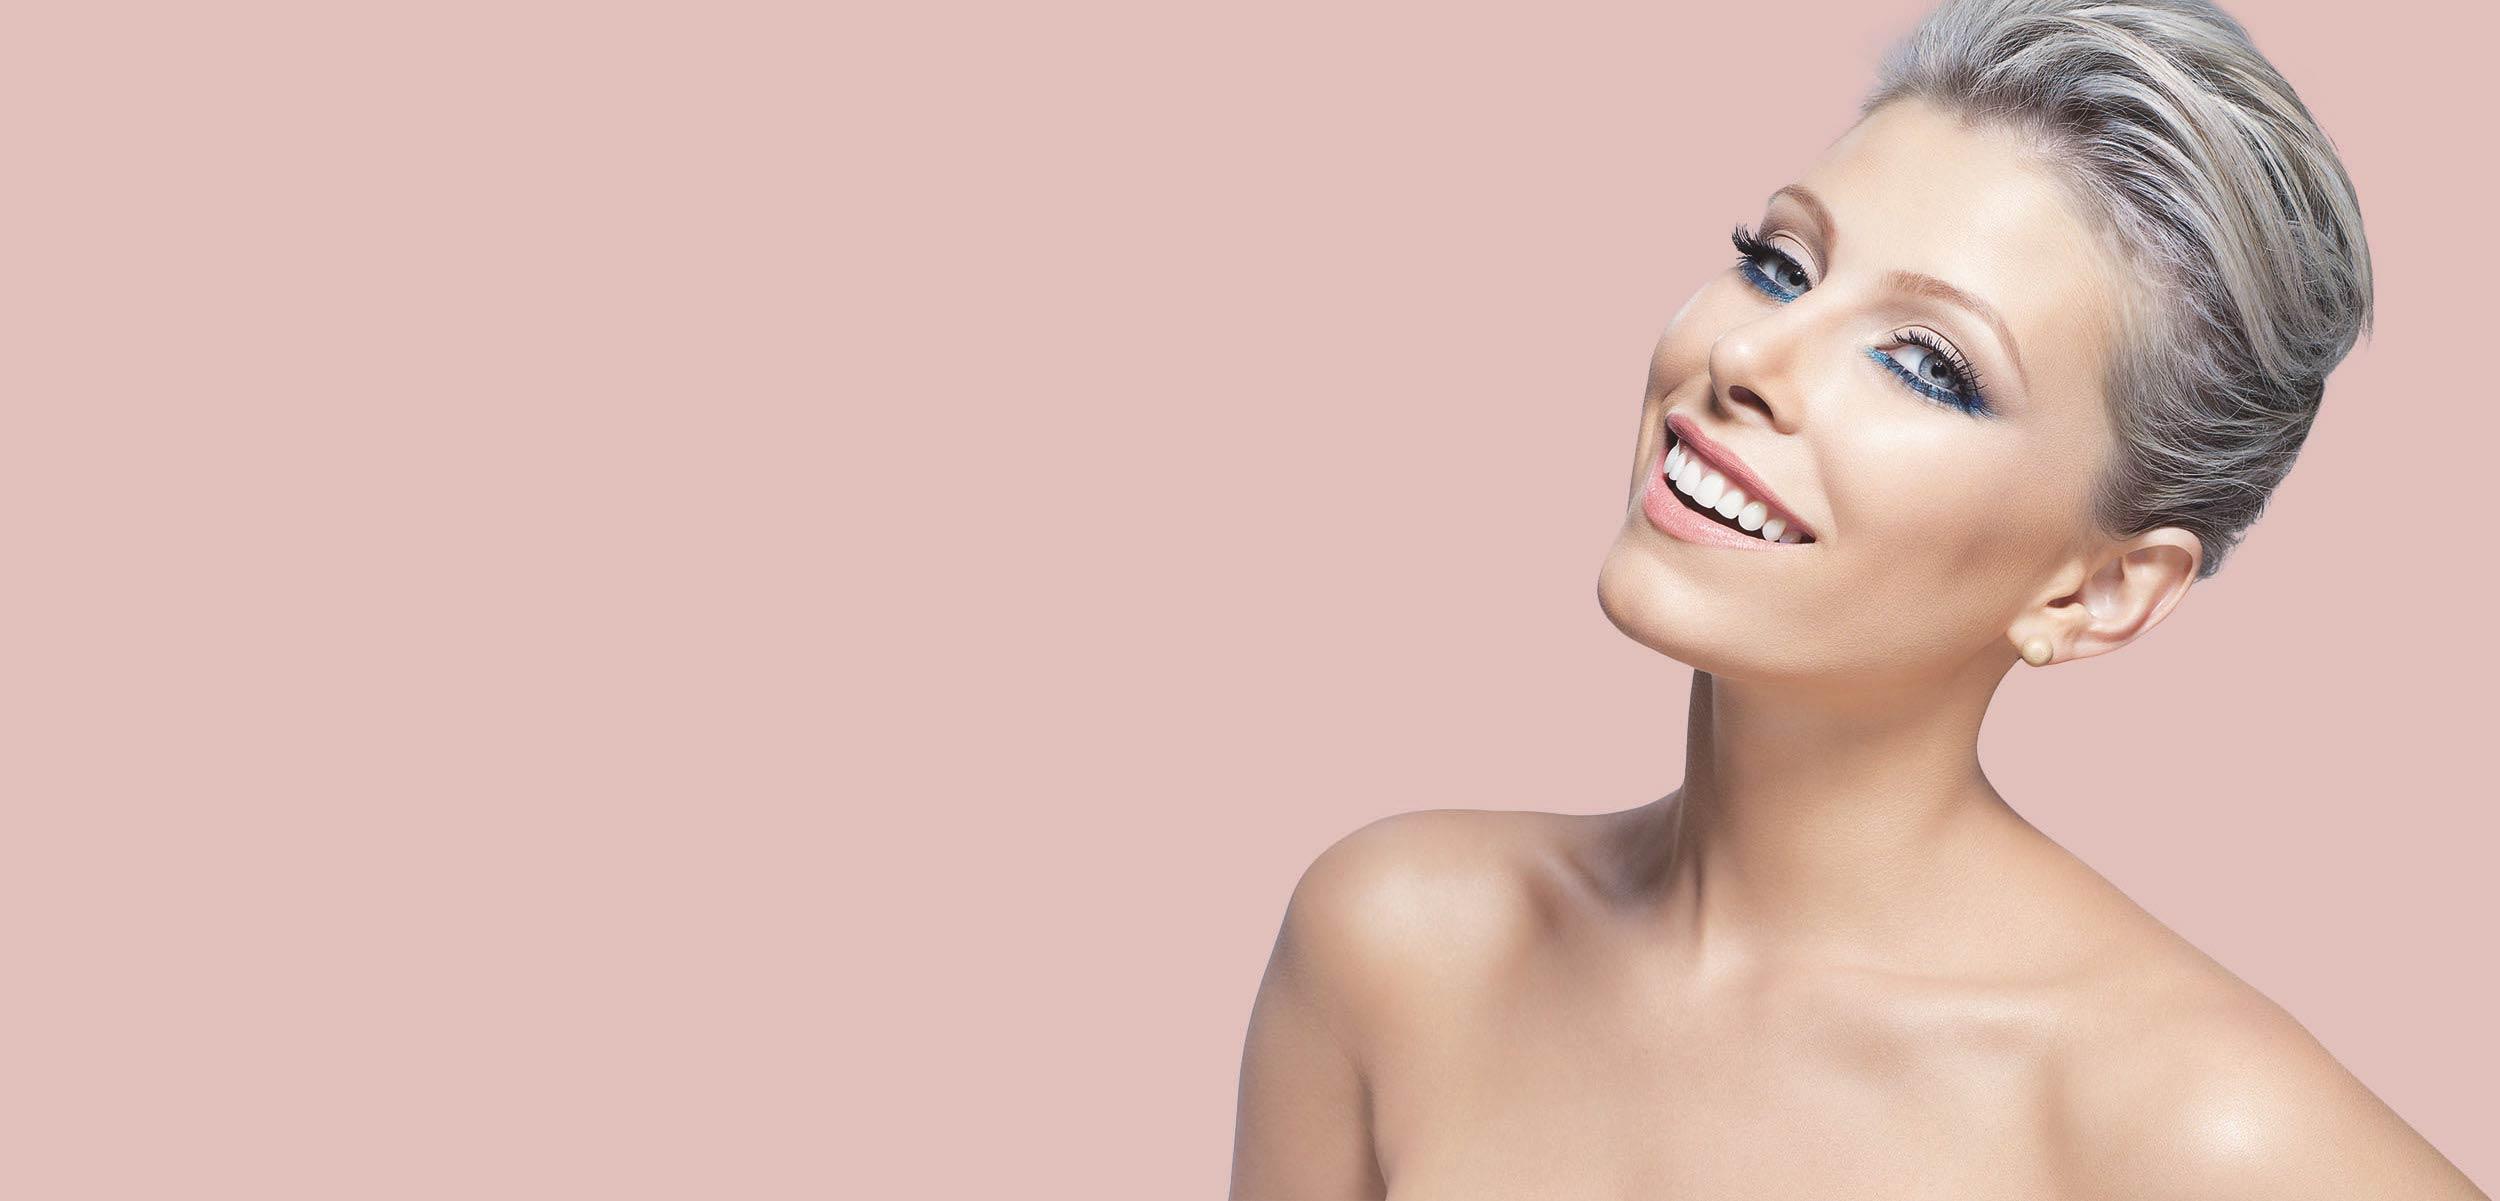 Maquiadora Suelen Johann - Maquiagem de noivas, cursos de maquiagem profissional e cursos de automaquiagem